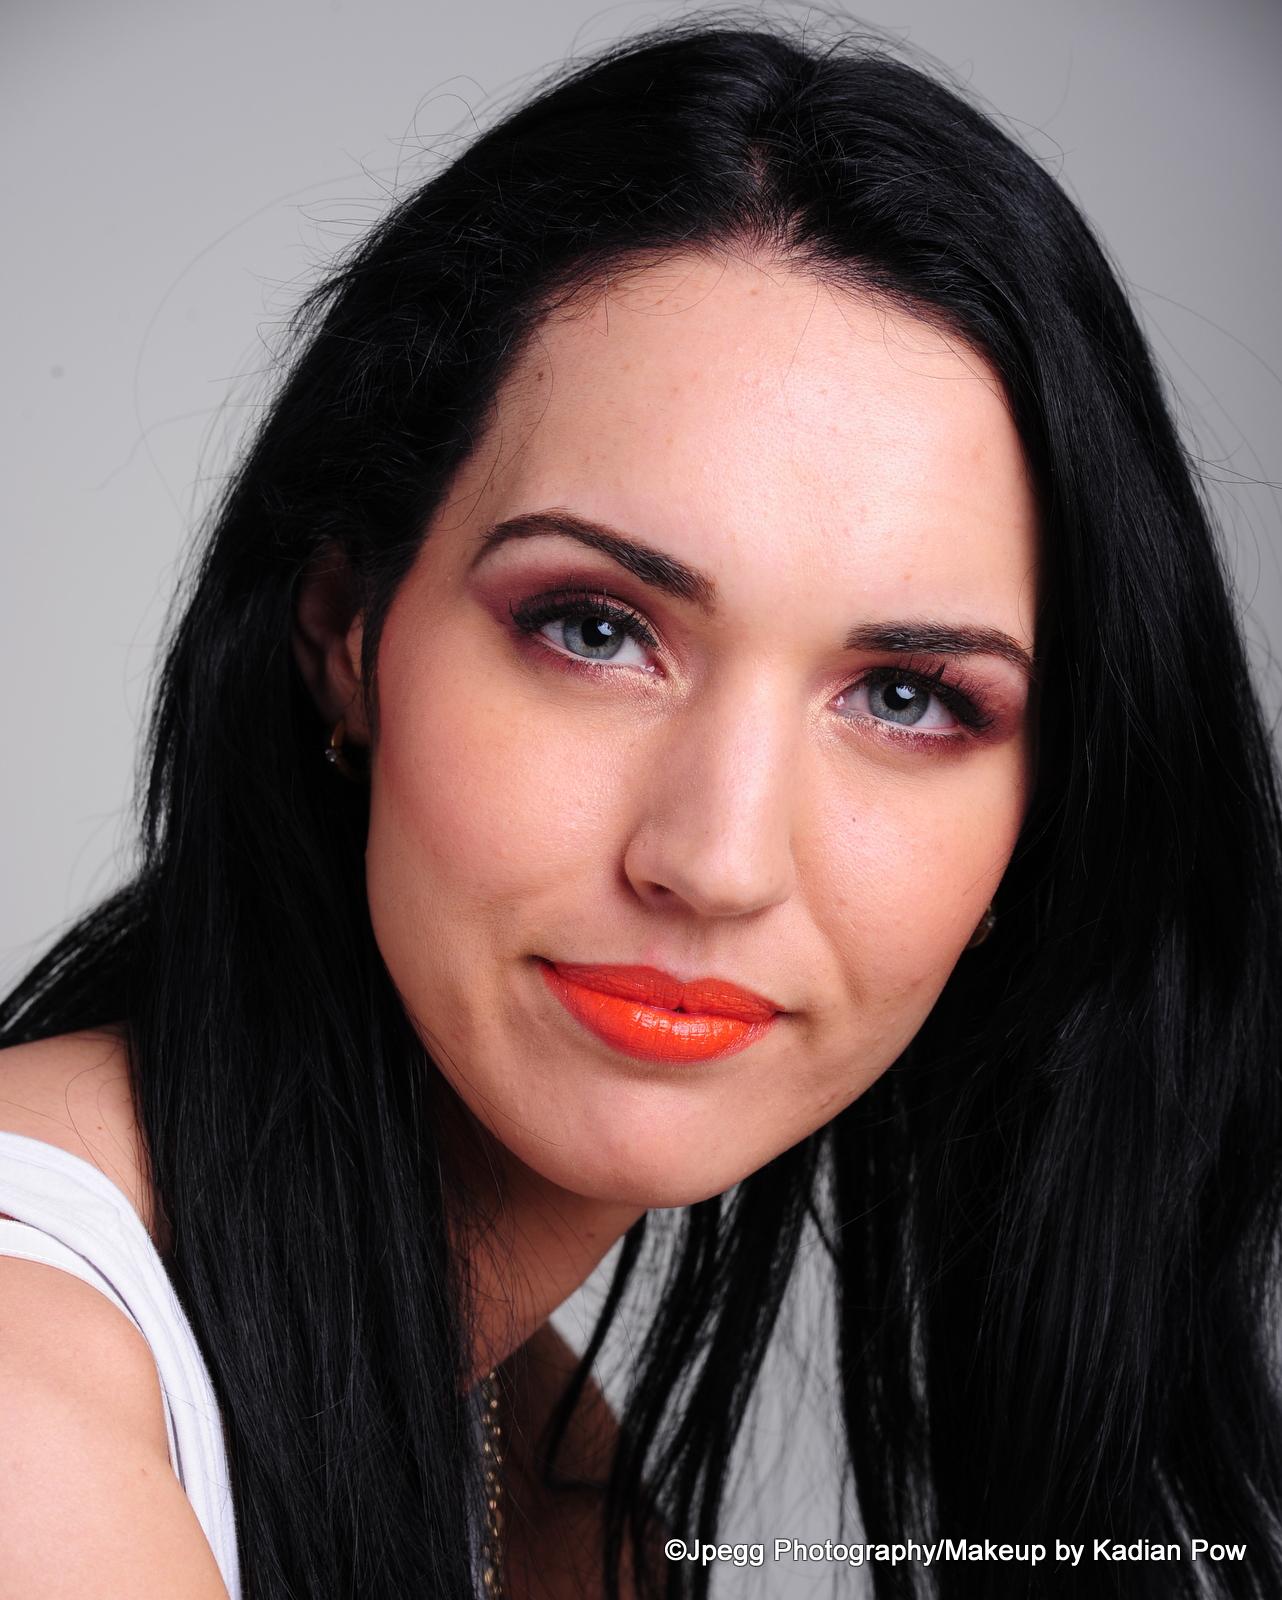 black hair blue eyes pale skin. pale skin and dark hair.